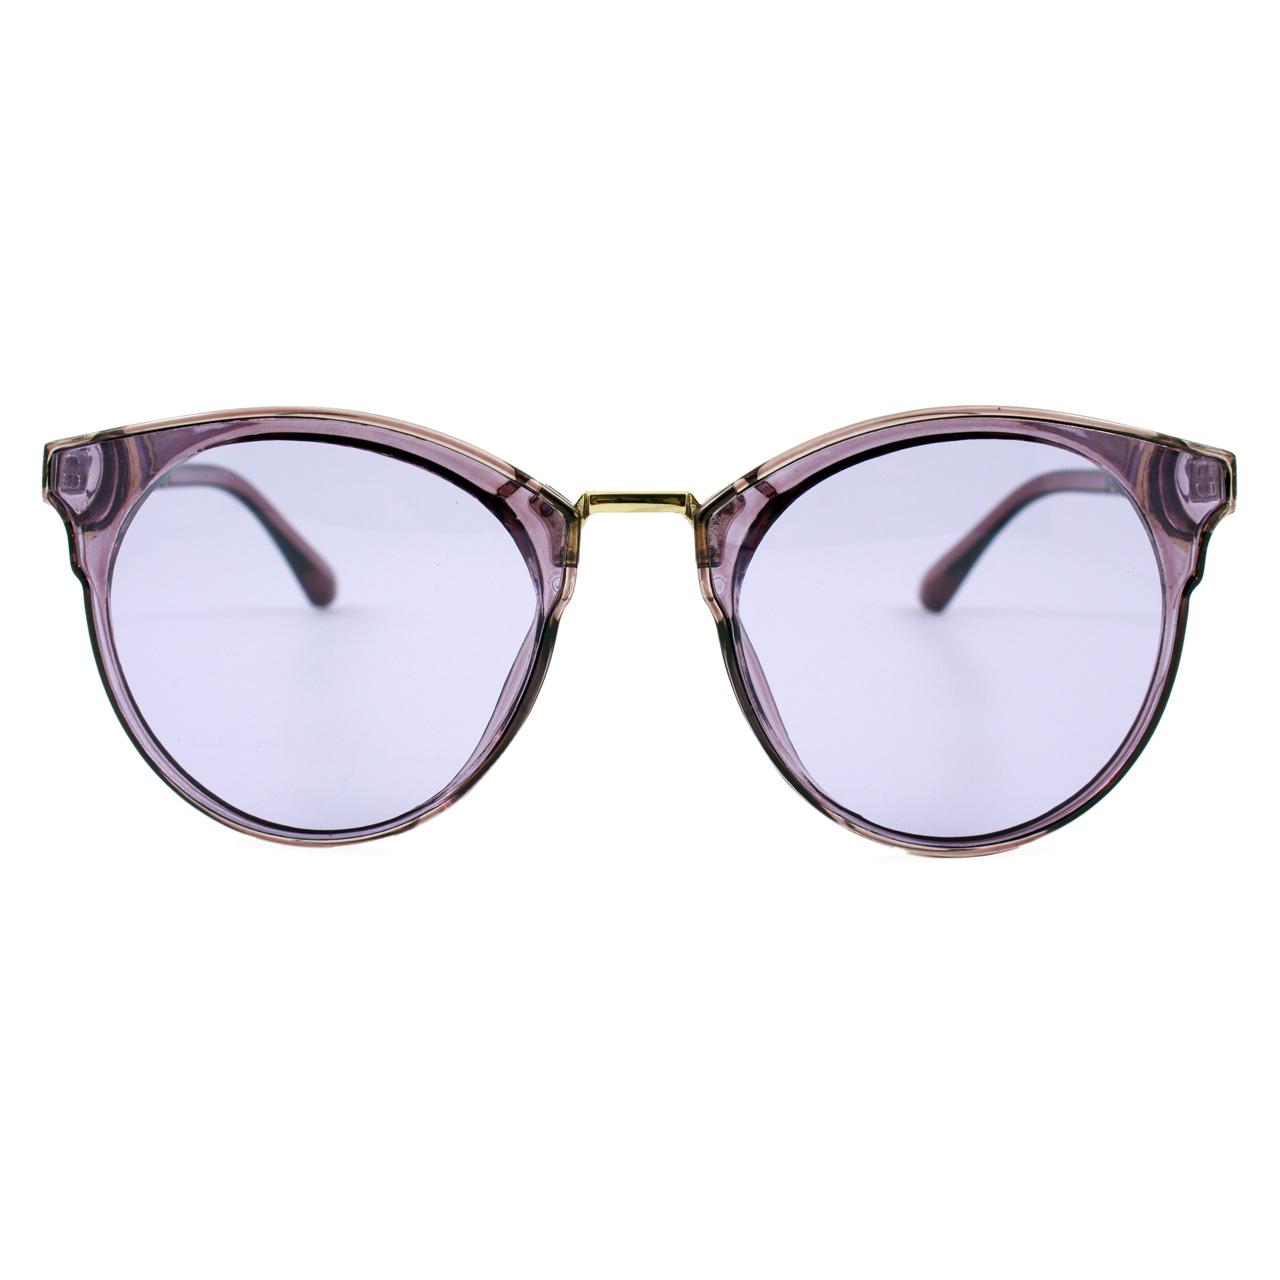 عینک آفتابی زنانه مدل Daily Purlple Series